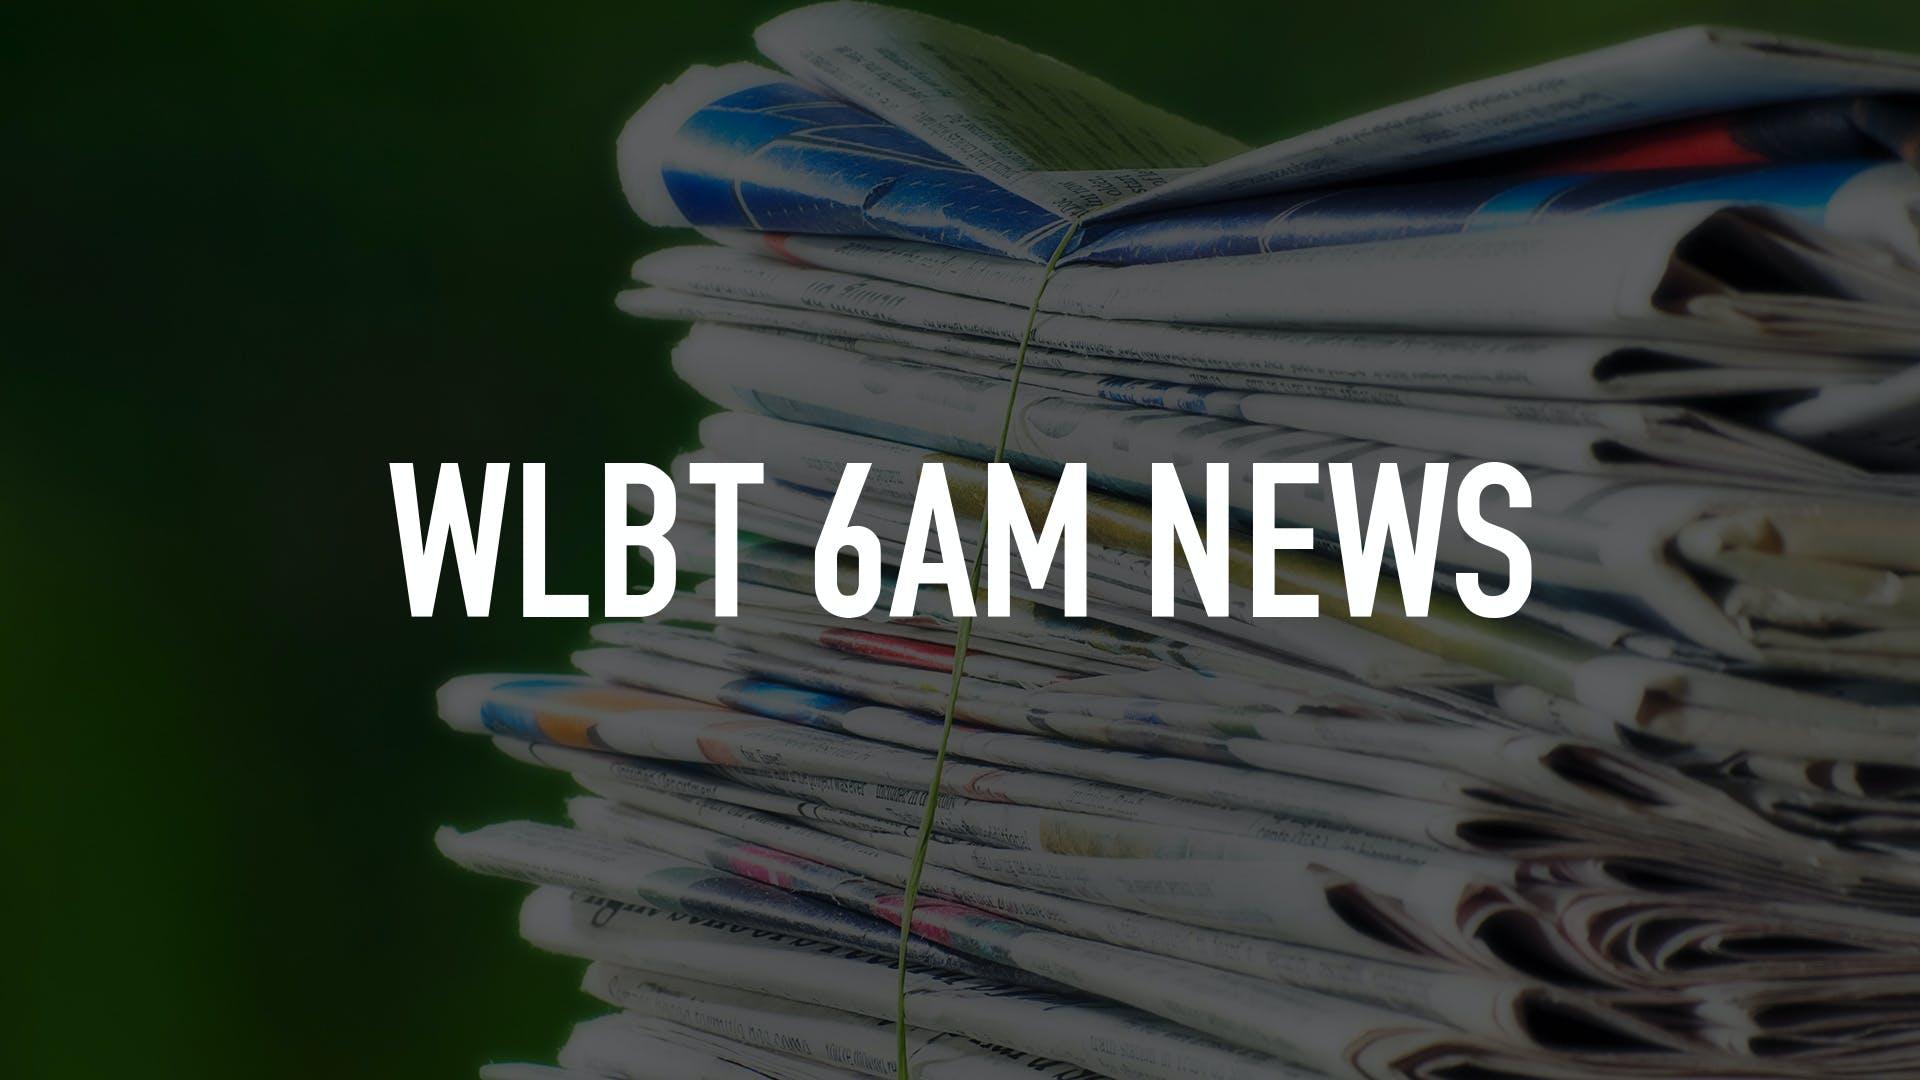 Watch WLBT 6AM News | Stream on fuboTV (Free Trial)